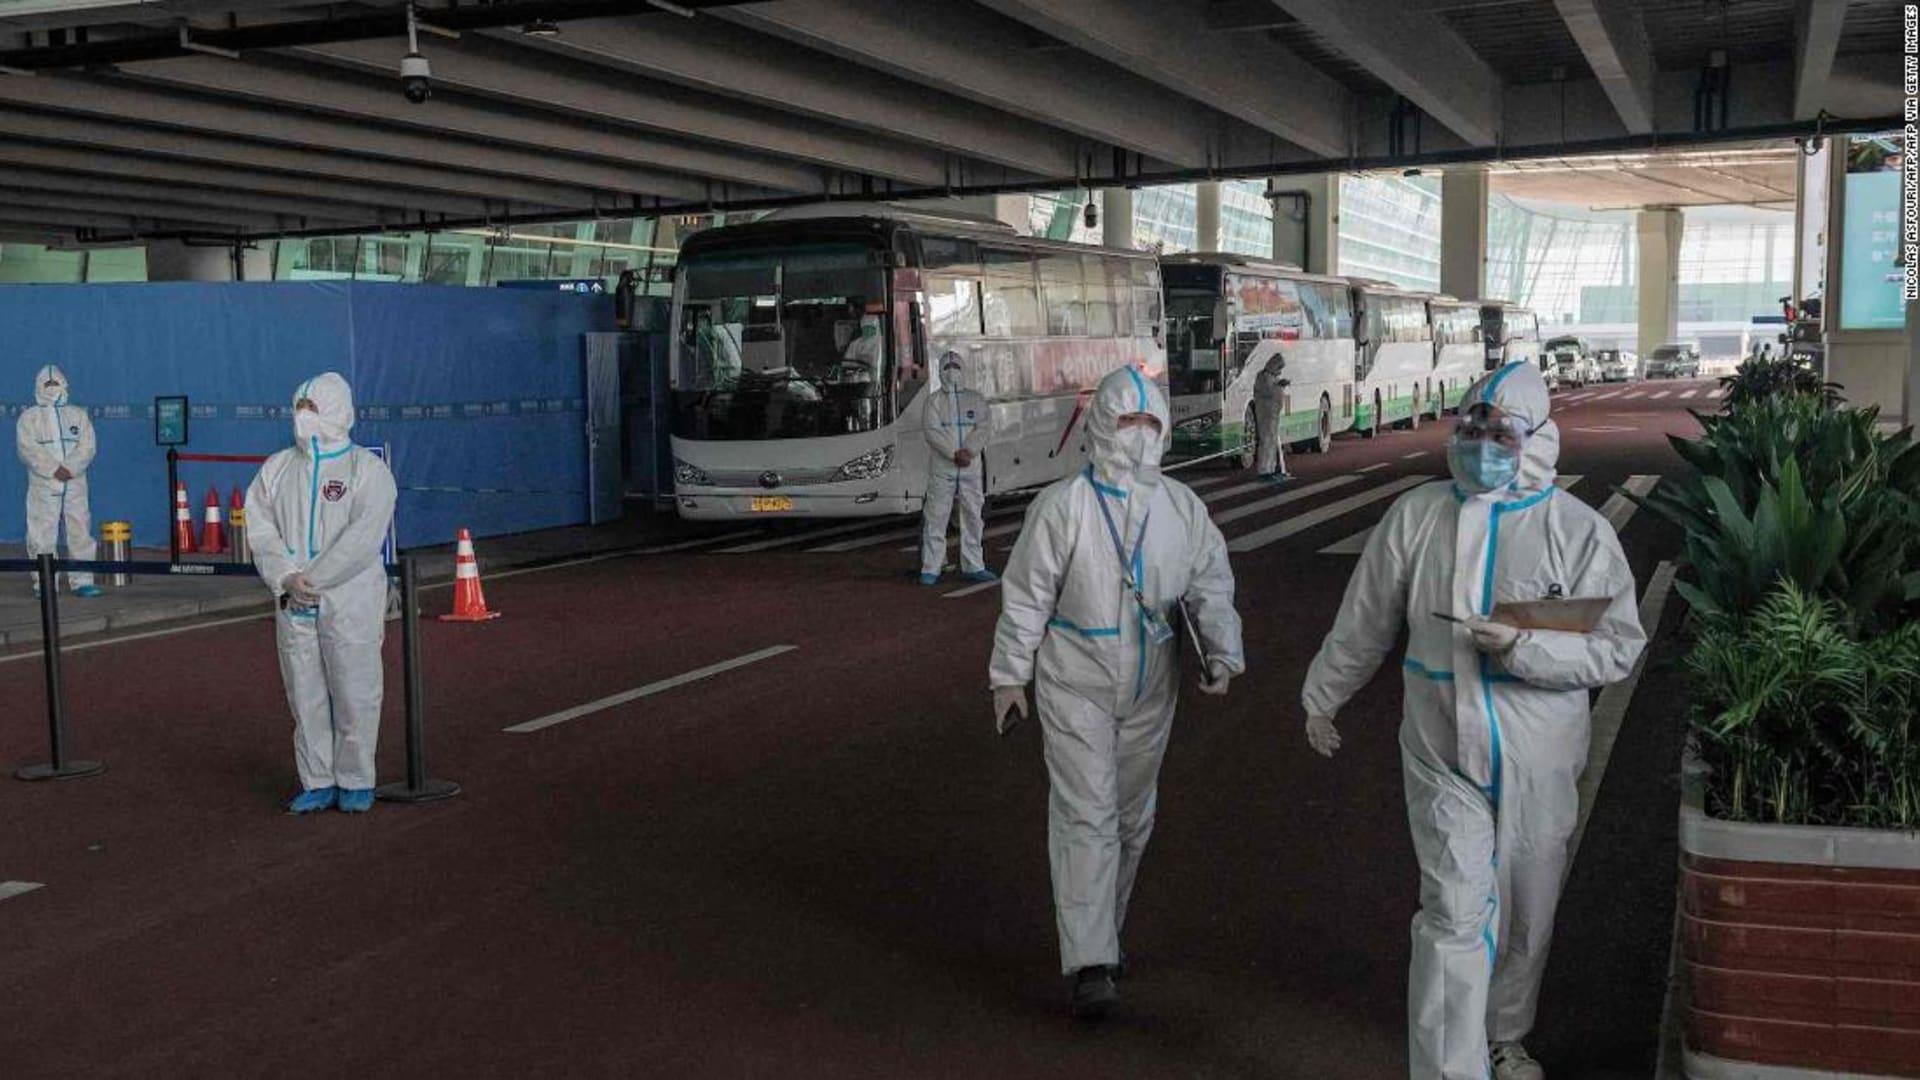 الصين تمنع اثنين من فريق منظمة الصحة من دخول البلاد بسبب إصابتهما بكورونا